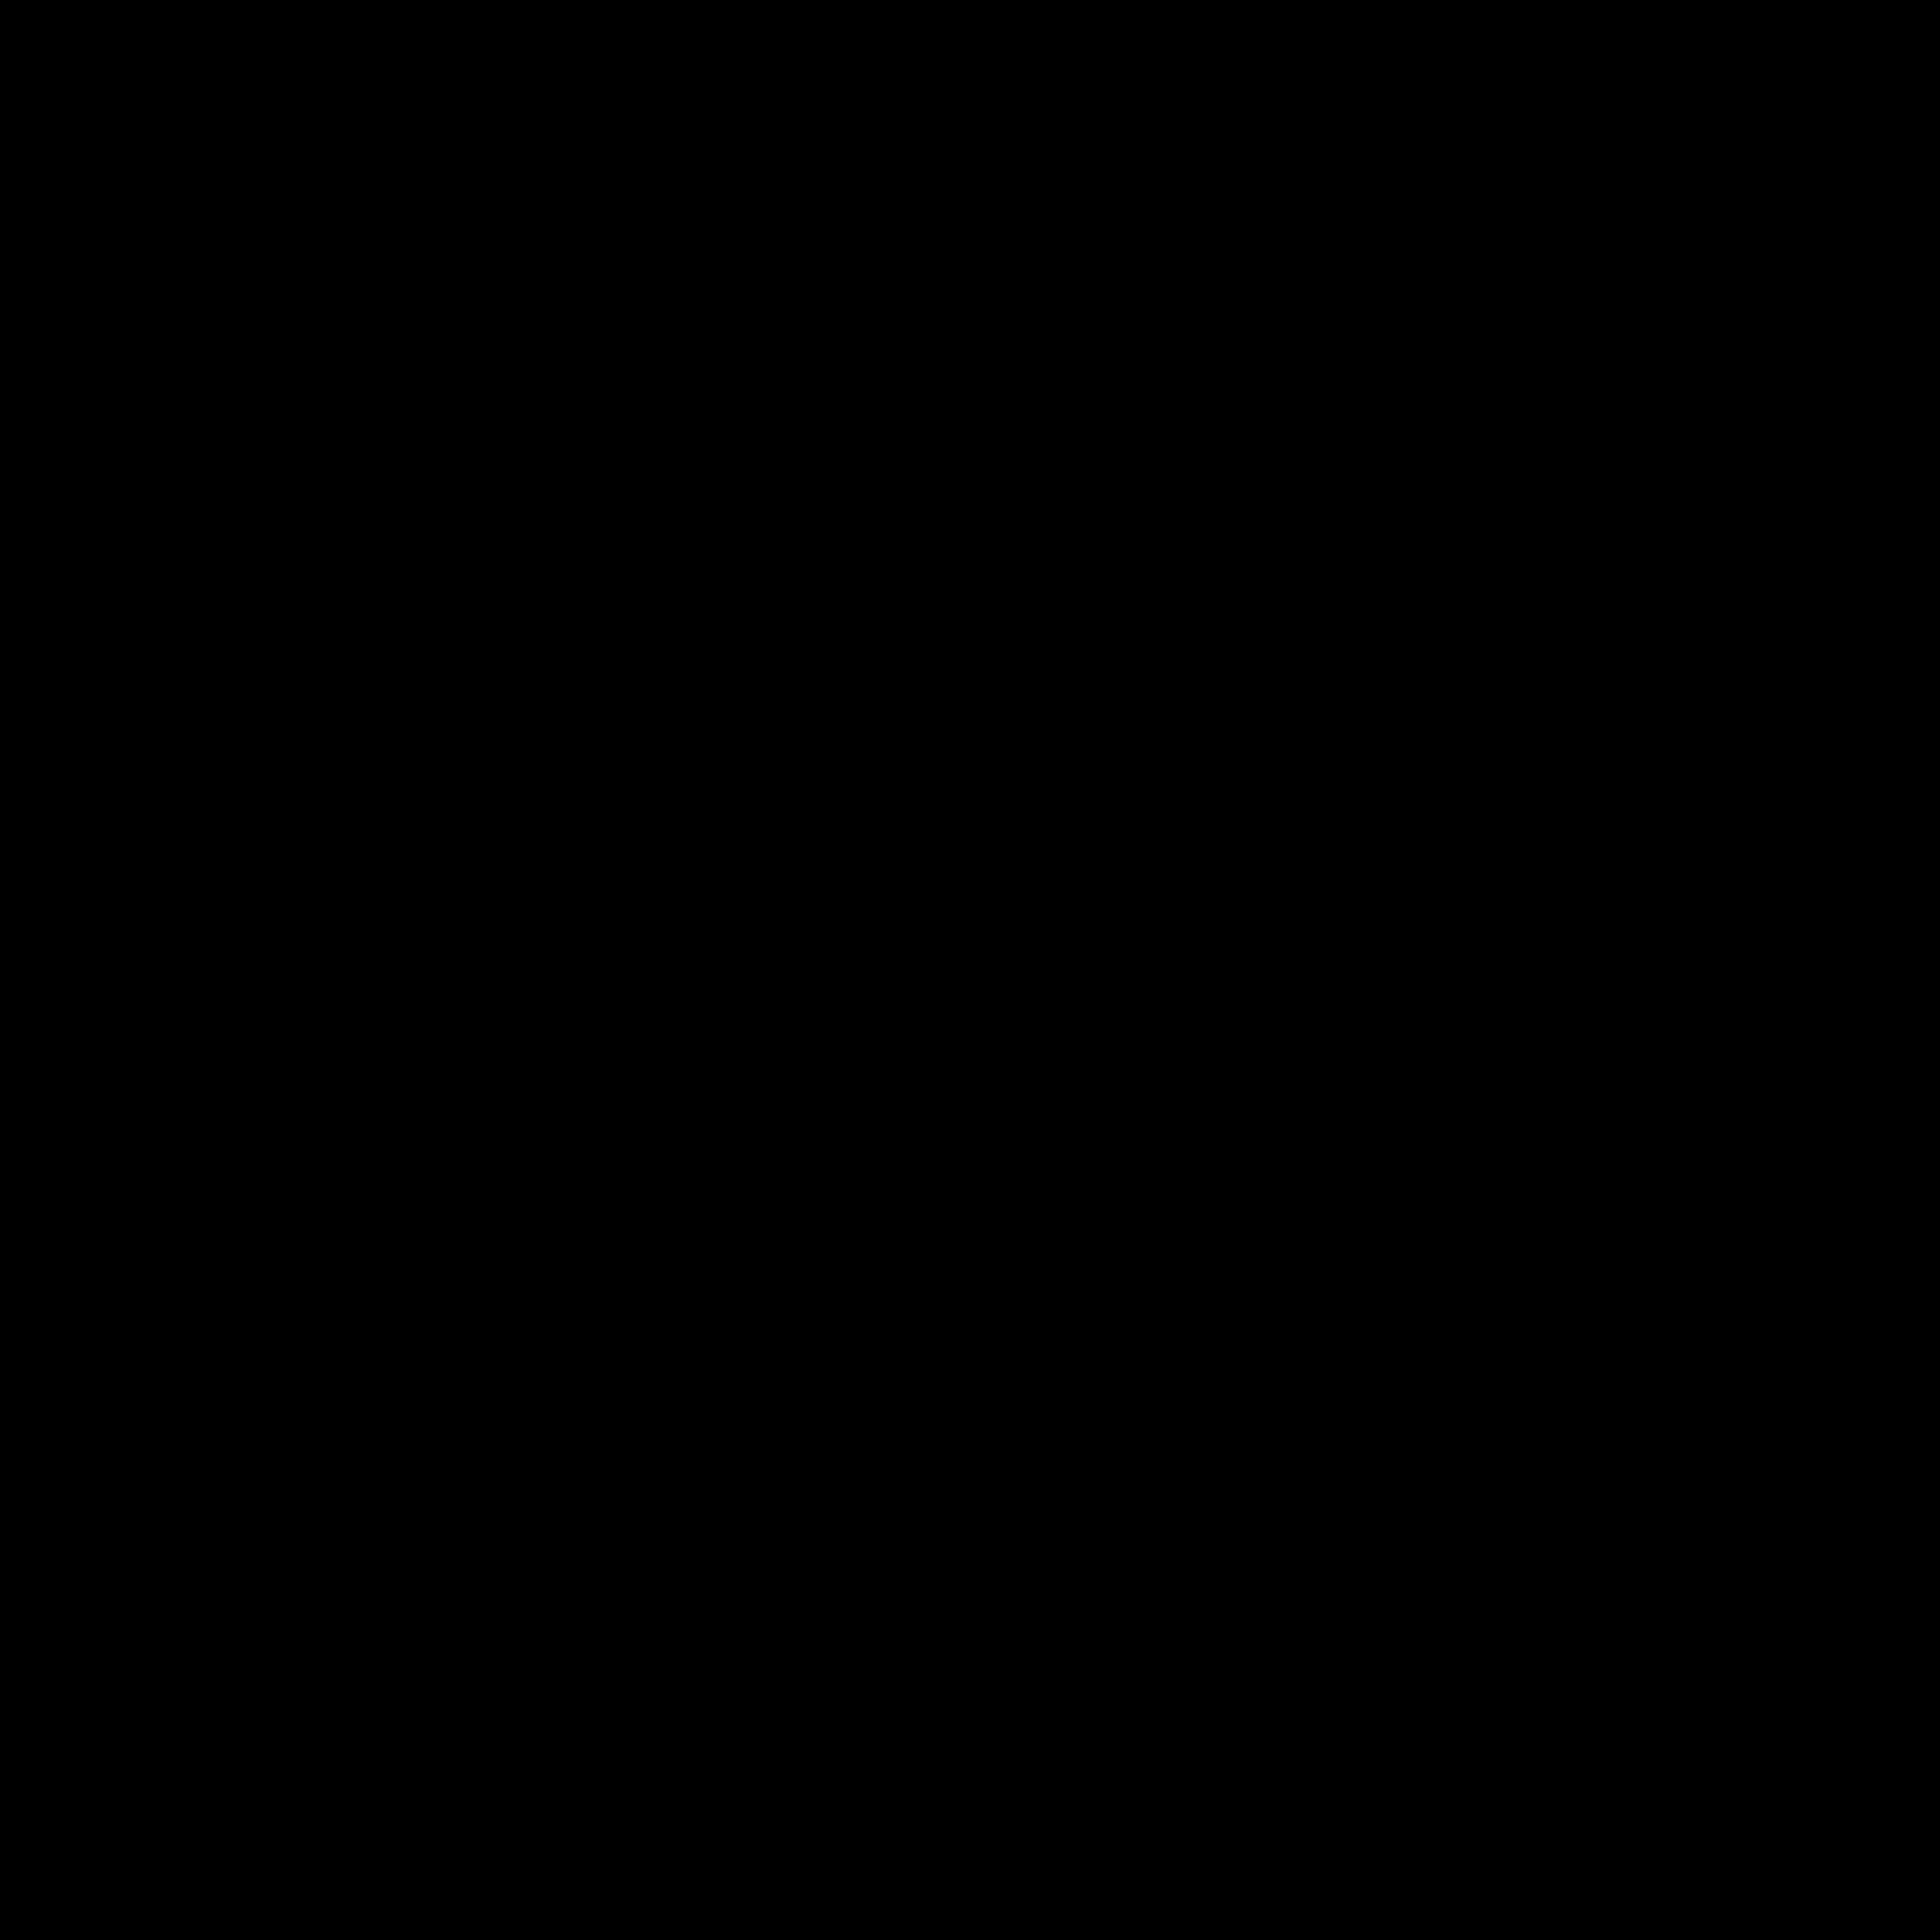 The Retirement Café Podcast